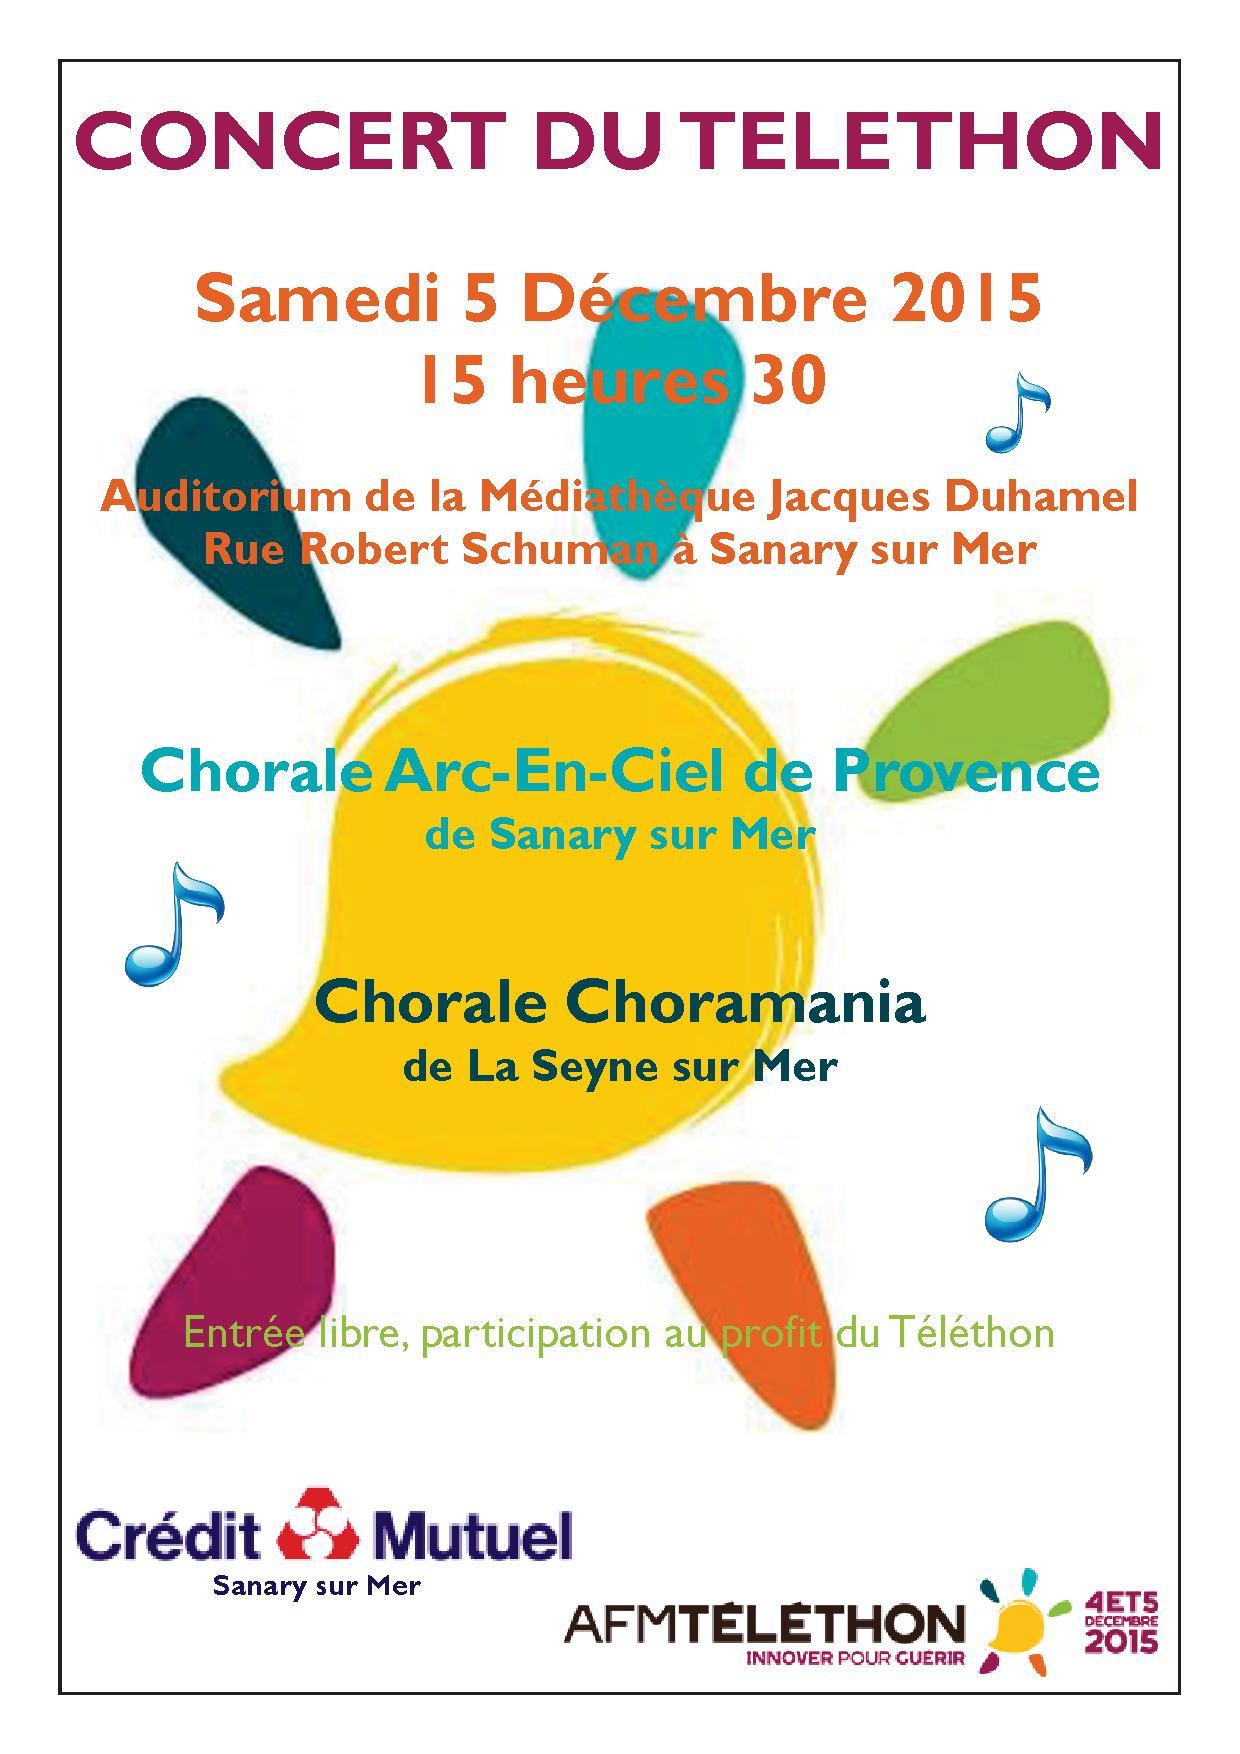 20151205 Affiche du concert du 5 décembre 2015